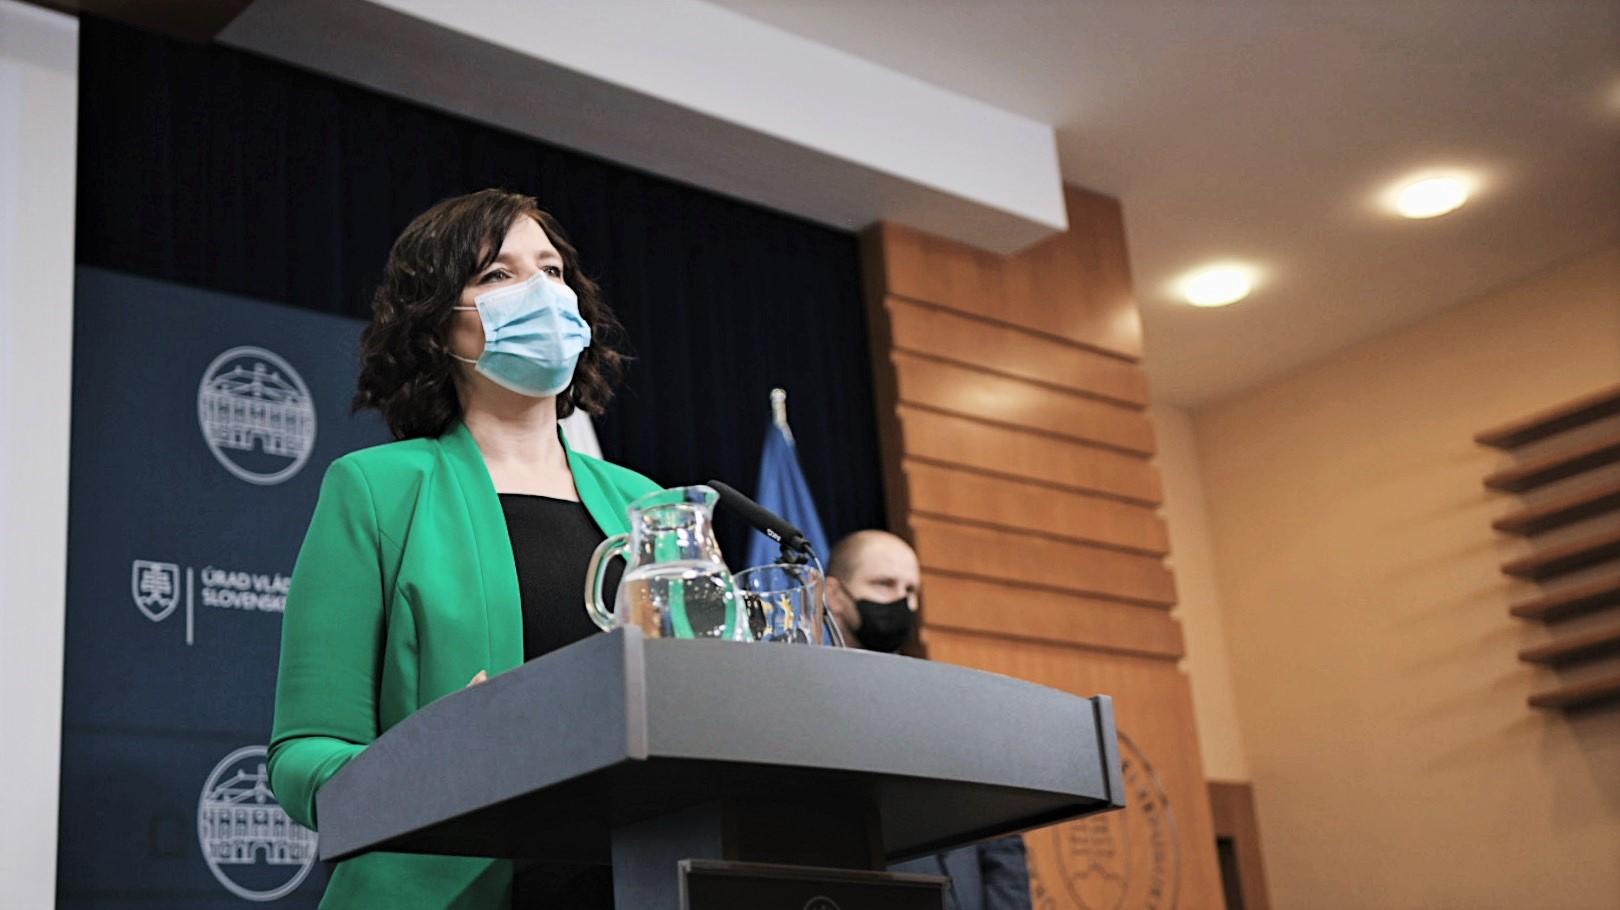 Vicepremiérka Remišová predstavila reformný plán pre digitálne Slovensko v rámci Plánu obnovy EÚ